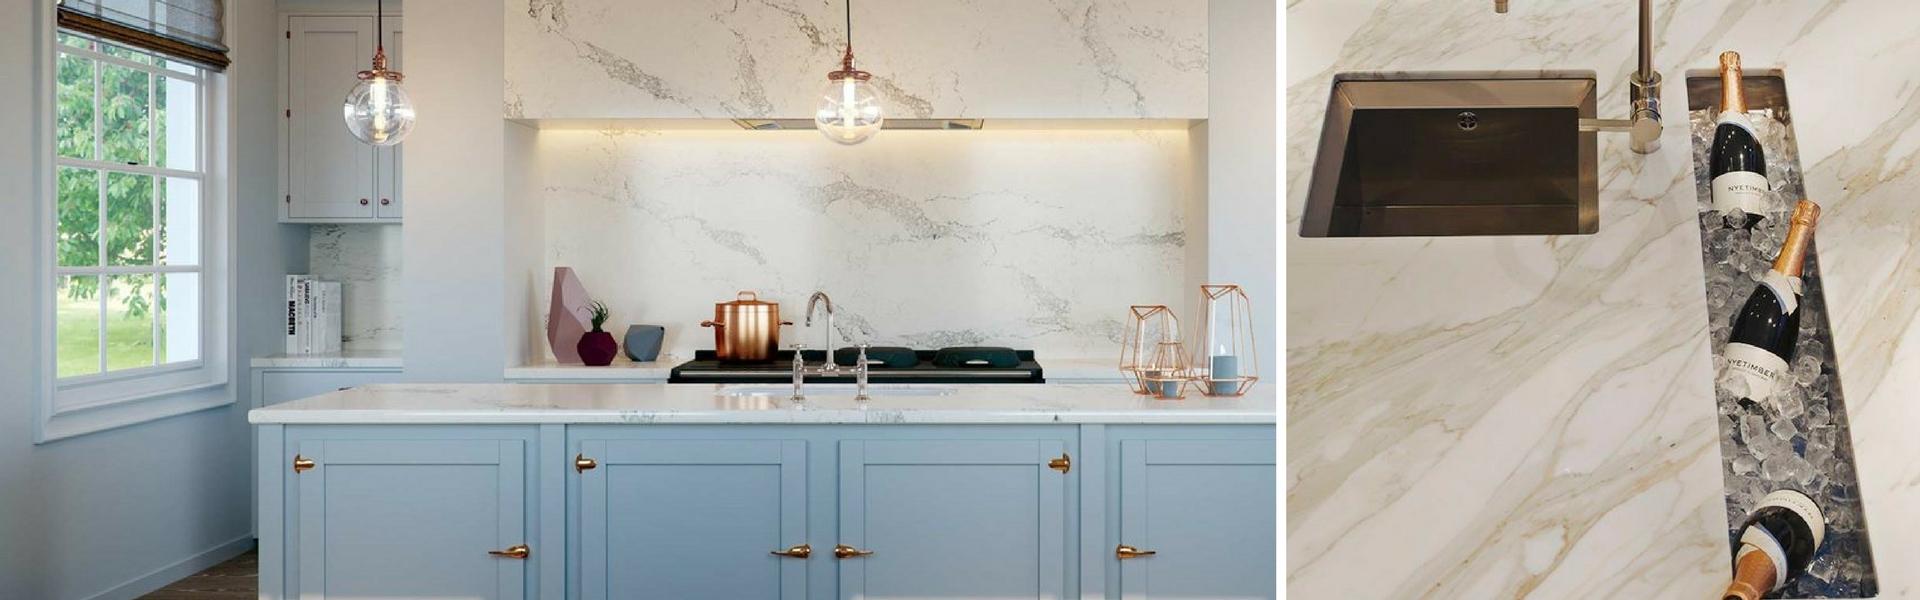 Comment Installer Un Comptoir De Cuisine les comptoirs en quartz ont la cote | kalla cuisine design